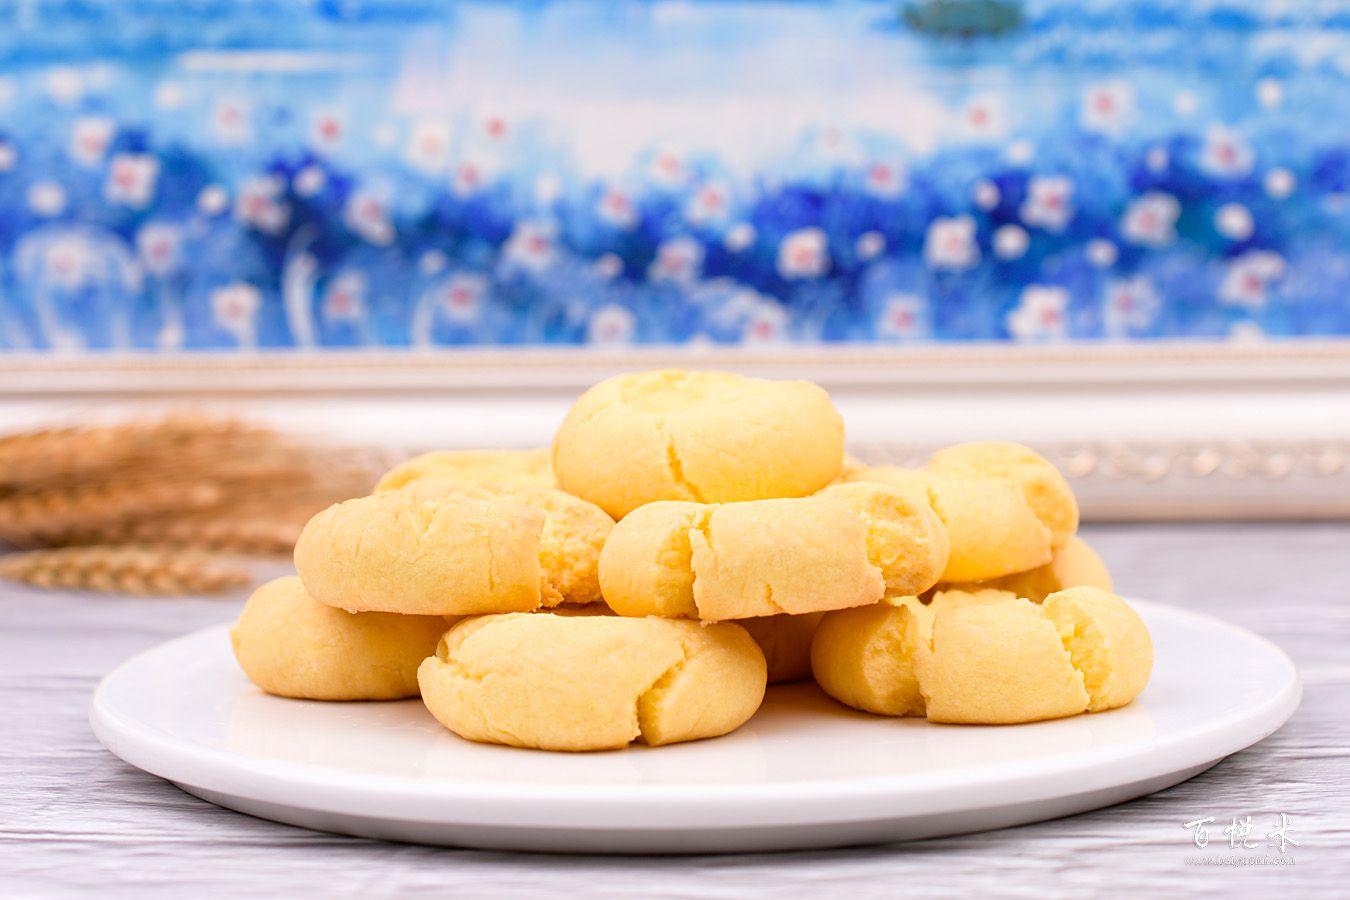 玛格丽特饼干的做法大全,玛格丽特饼干西点培训怎么做